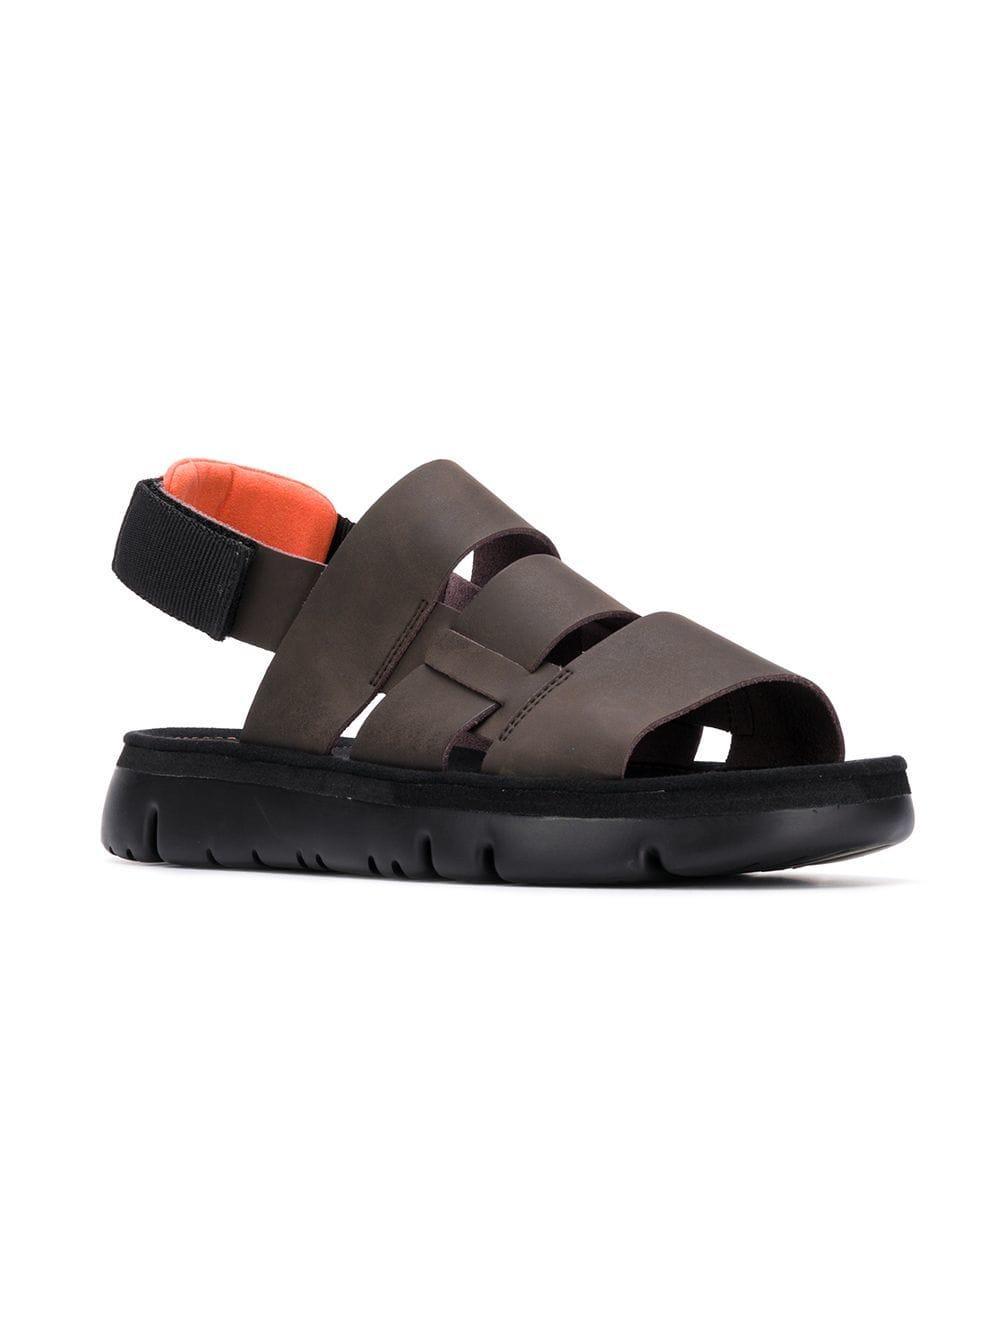 ea2853991795 Camper Oruga Sandals in Brown for Men - Lyst